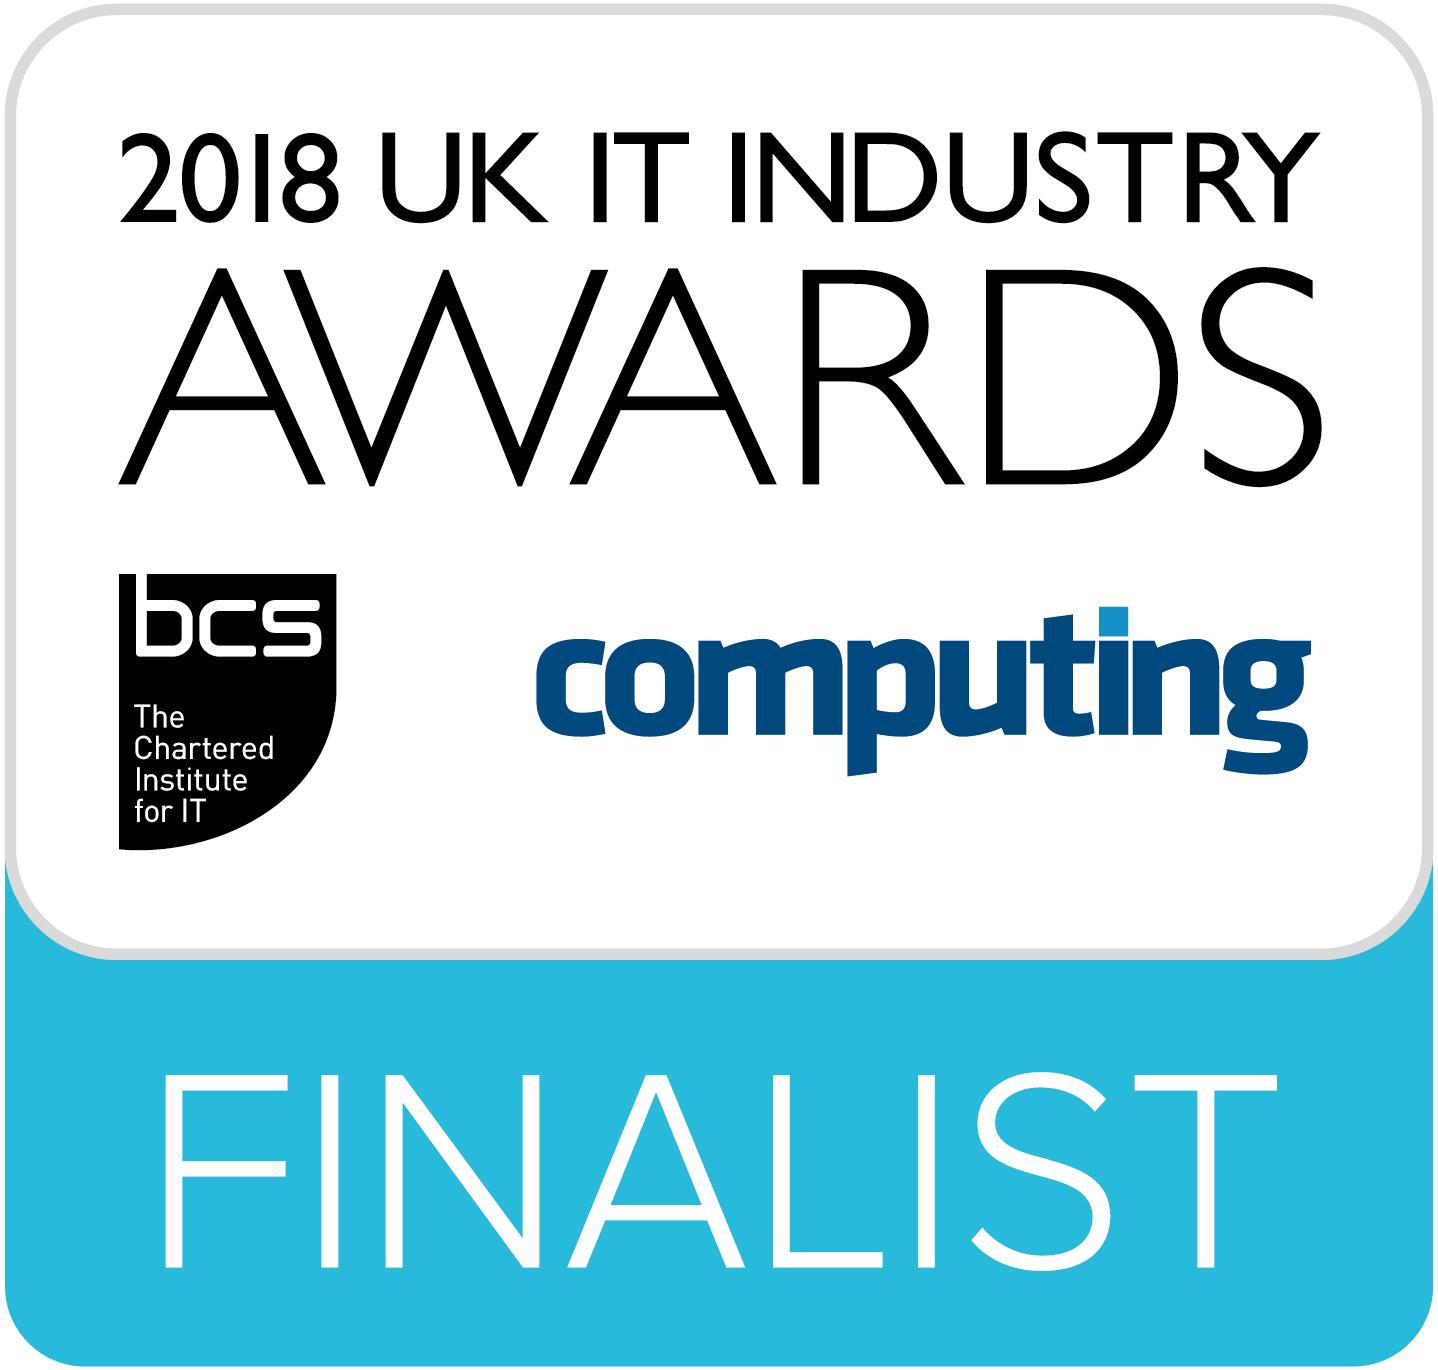 2018 UK IT Industry awards finalist logo